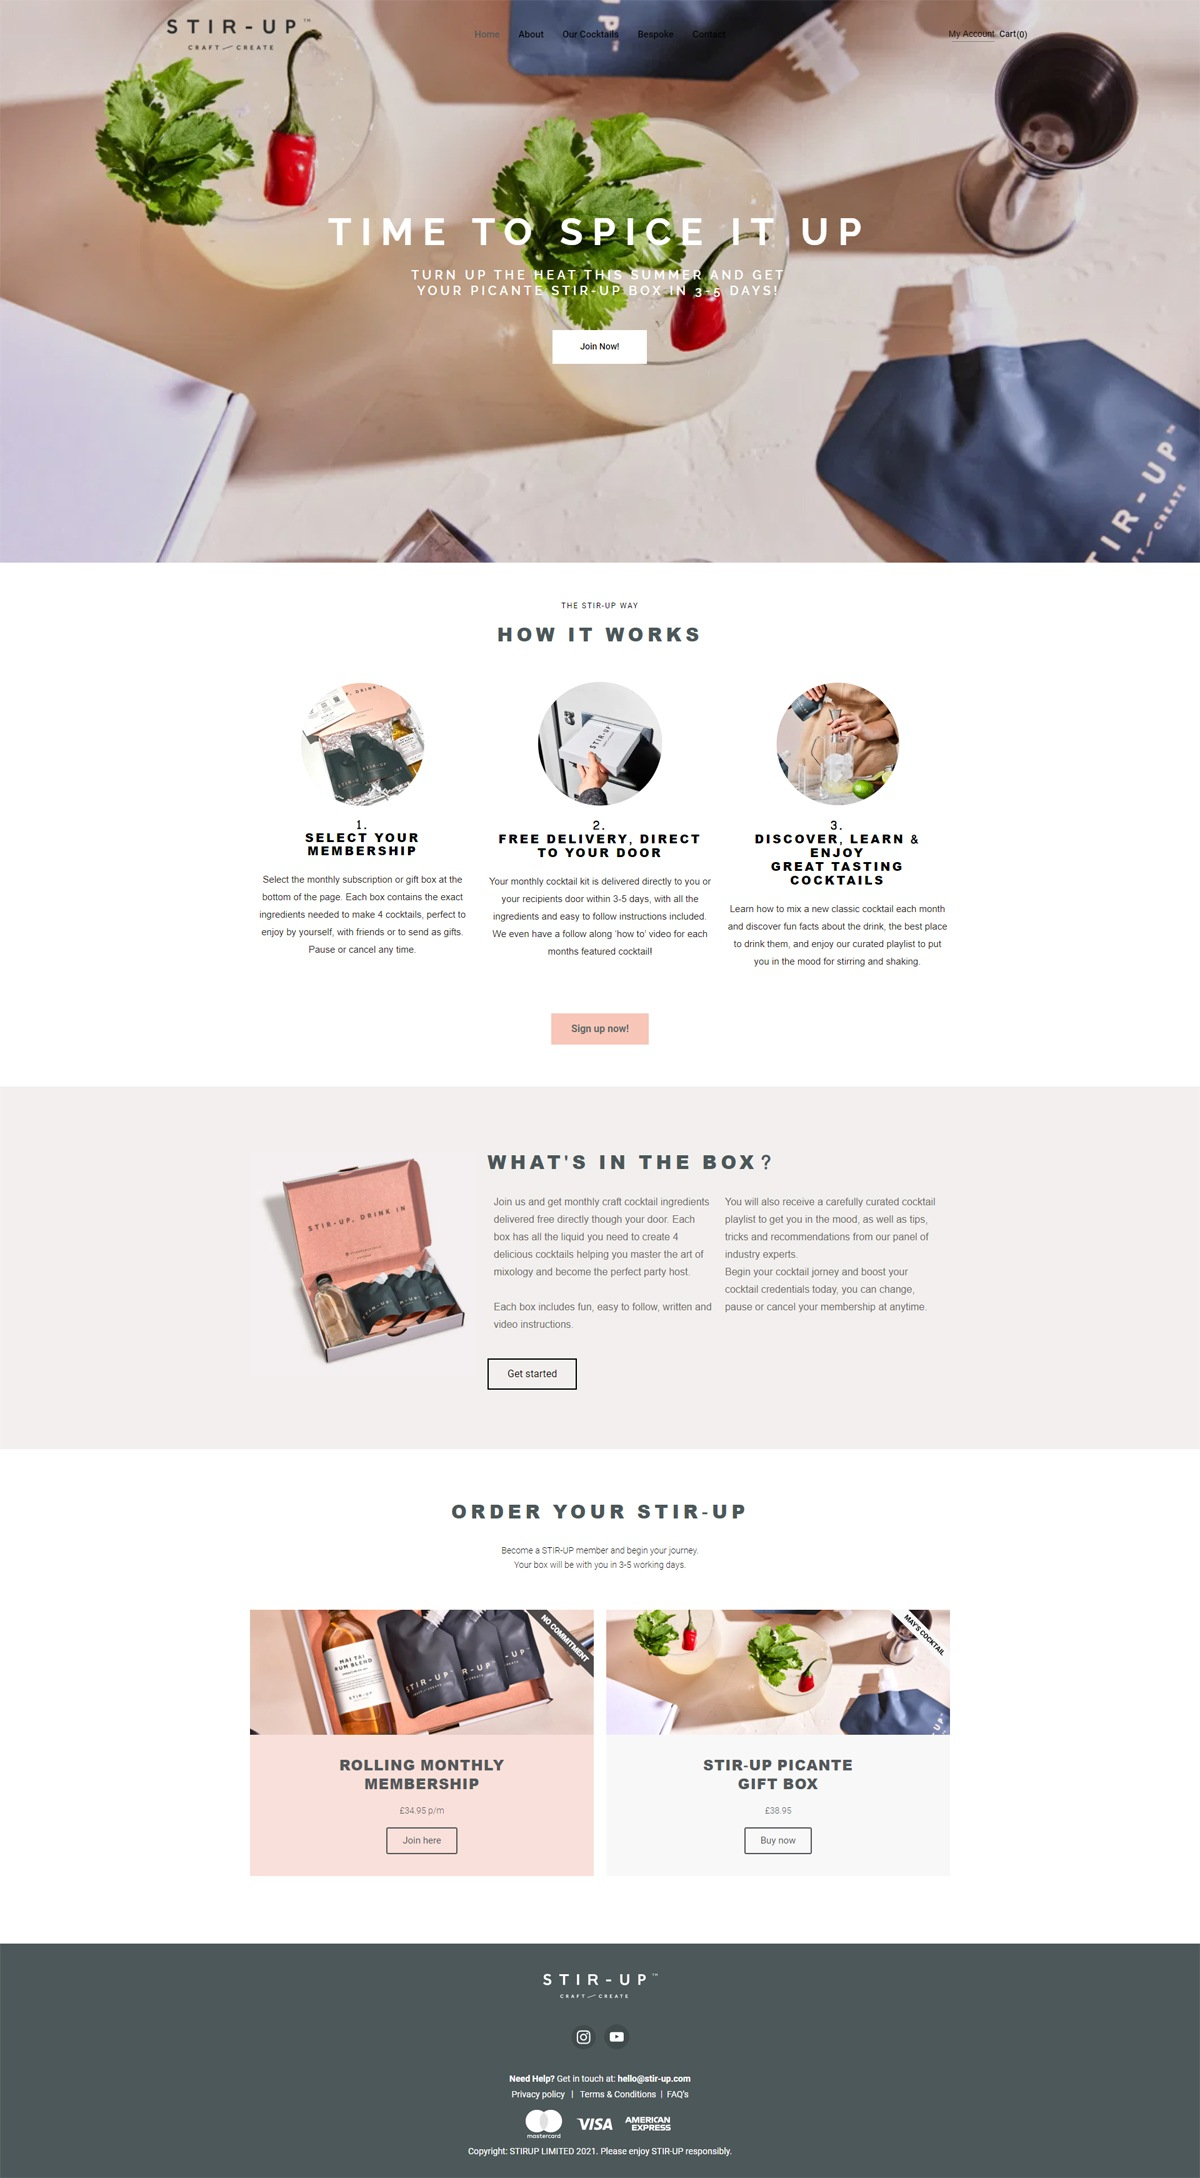 eCommerce website: STIR-UP